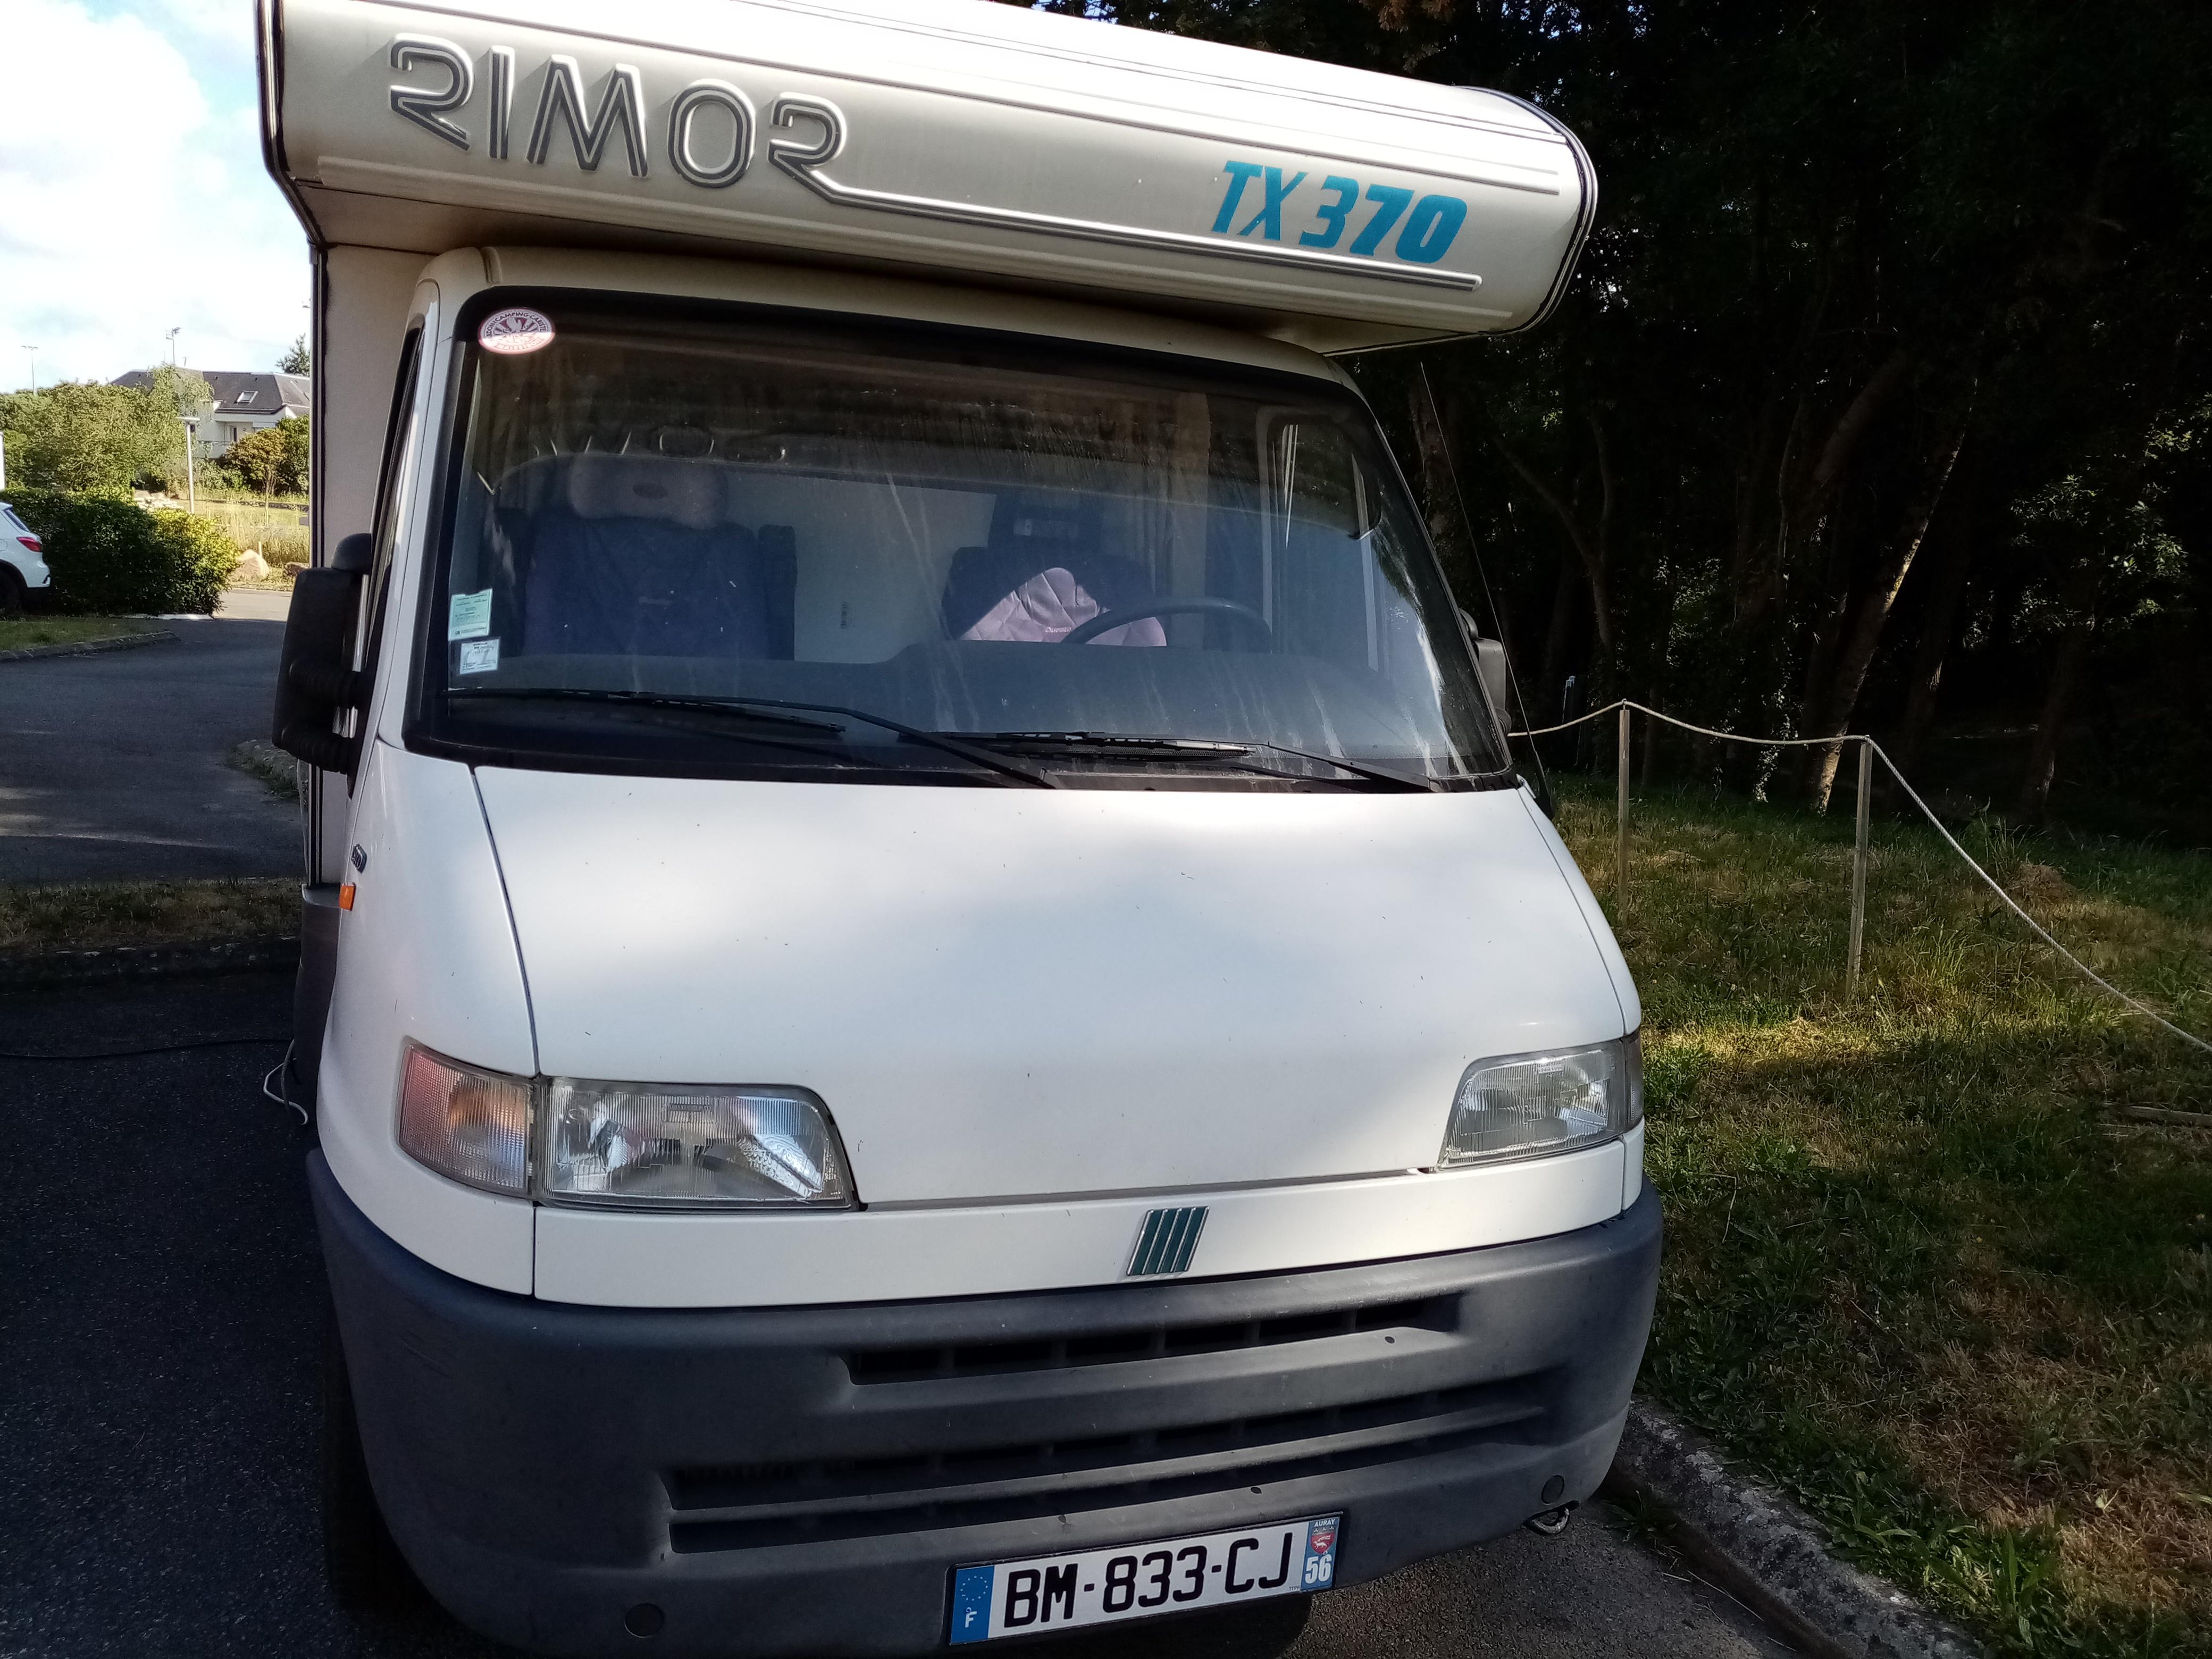 Rimor TX370